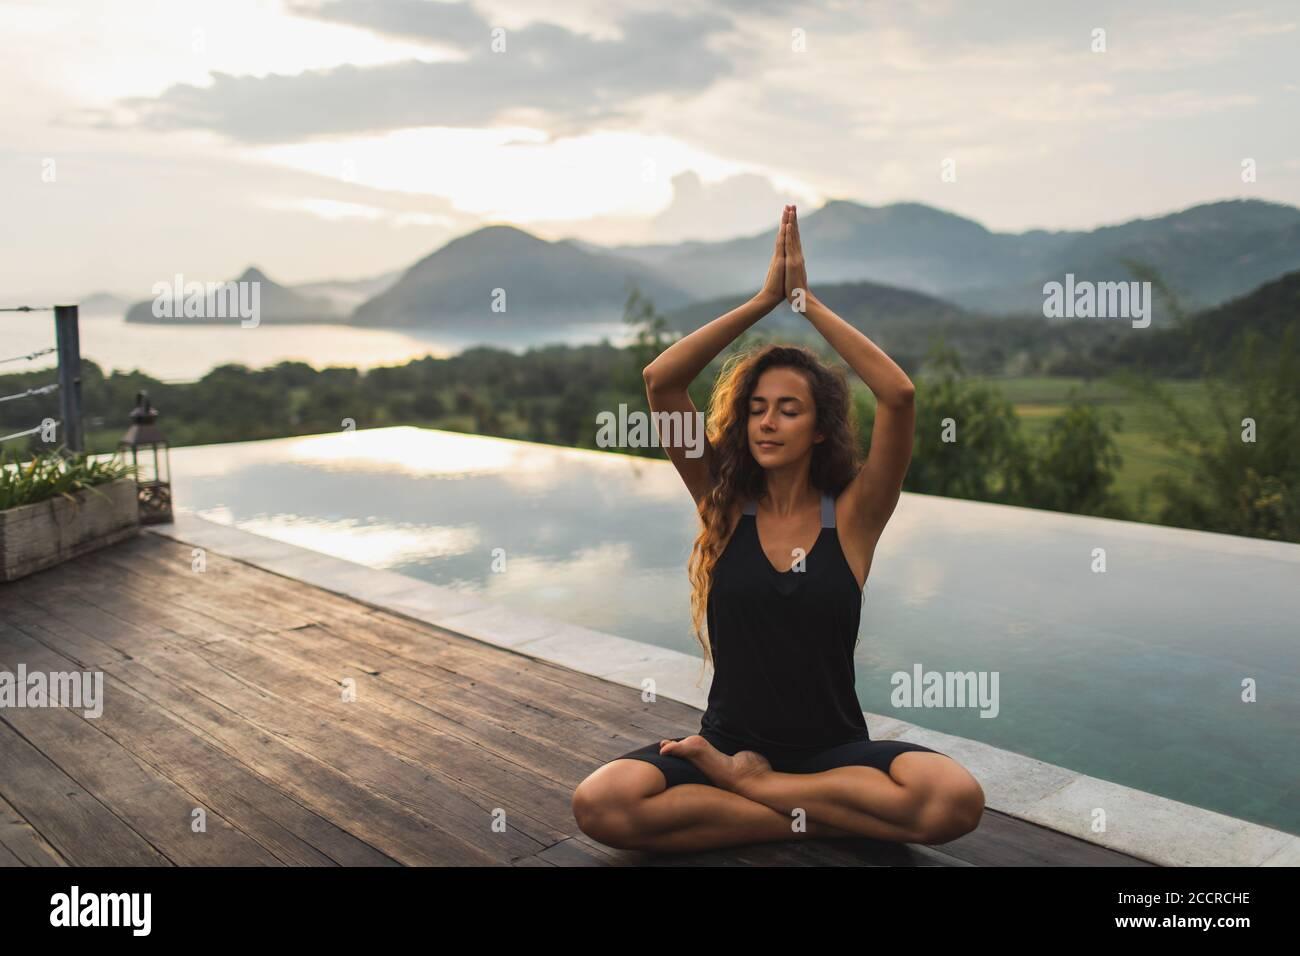 Femme méditant seule sur la piscine à débordement avec belle vue sur l'océan et la montagne le matin. Mode de vie sain, concept spirituel et émotionnel. Éveil, harmonie avec la nature. Banque D'Images